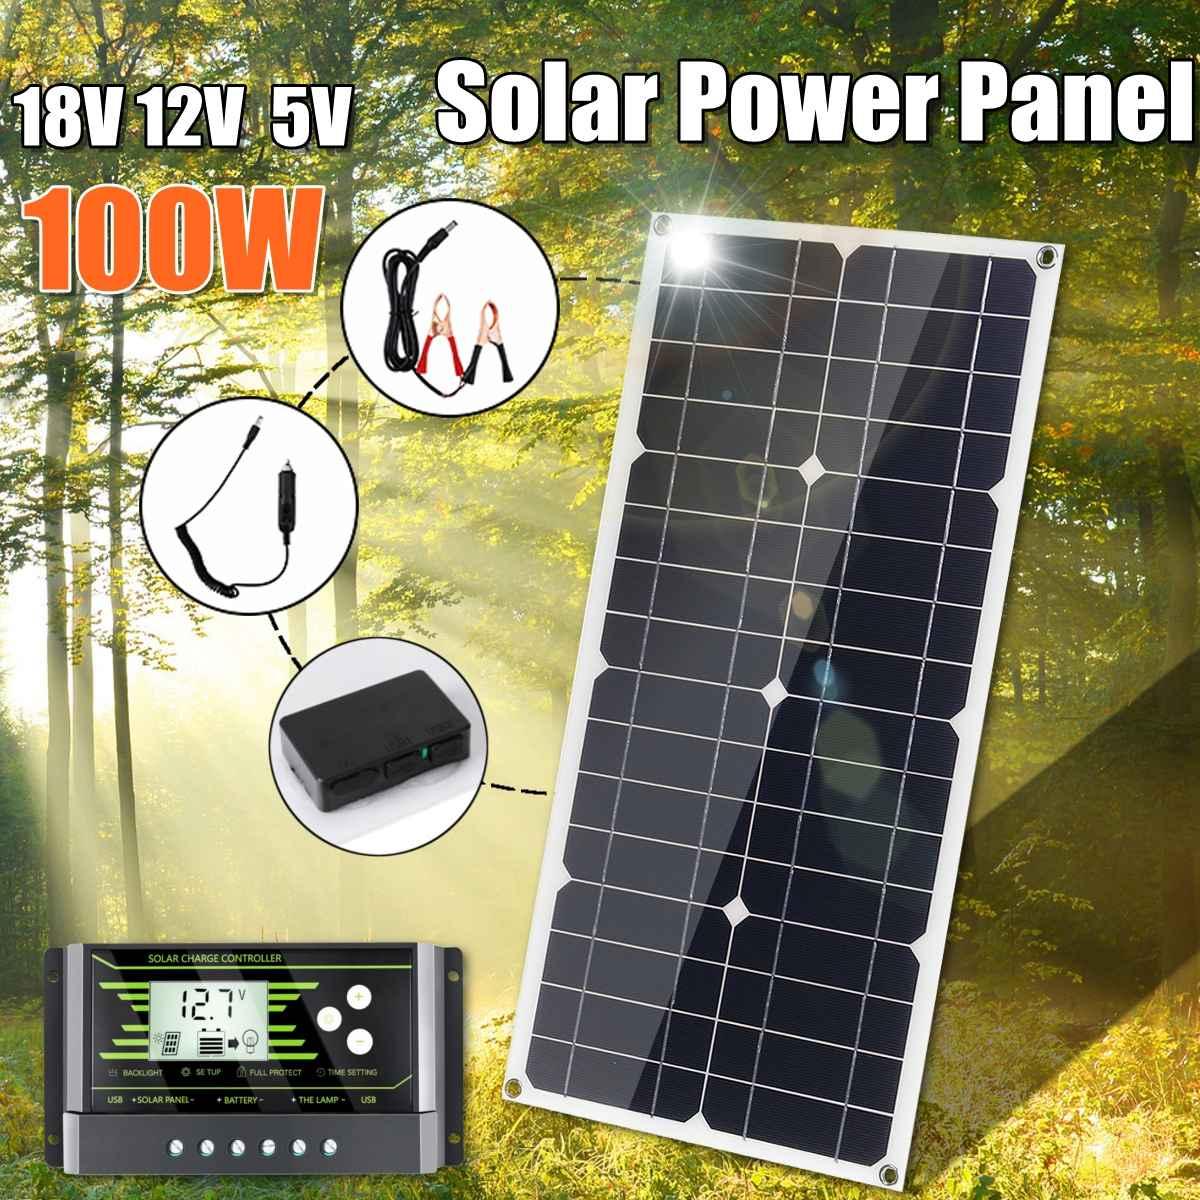 Carregador de bateria solar das pilhas cristalinas mono do painel solar 100w 18v 12v de pouco peso com controlador de '10/20/30a